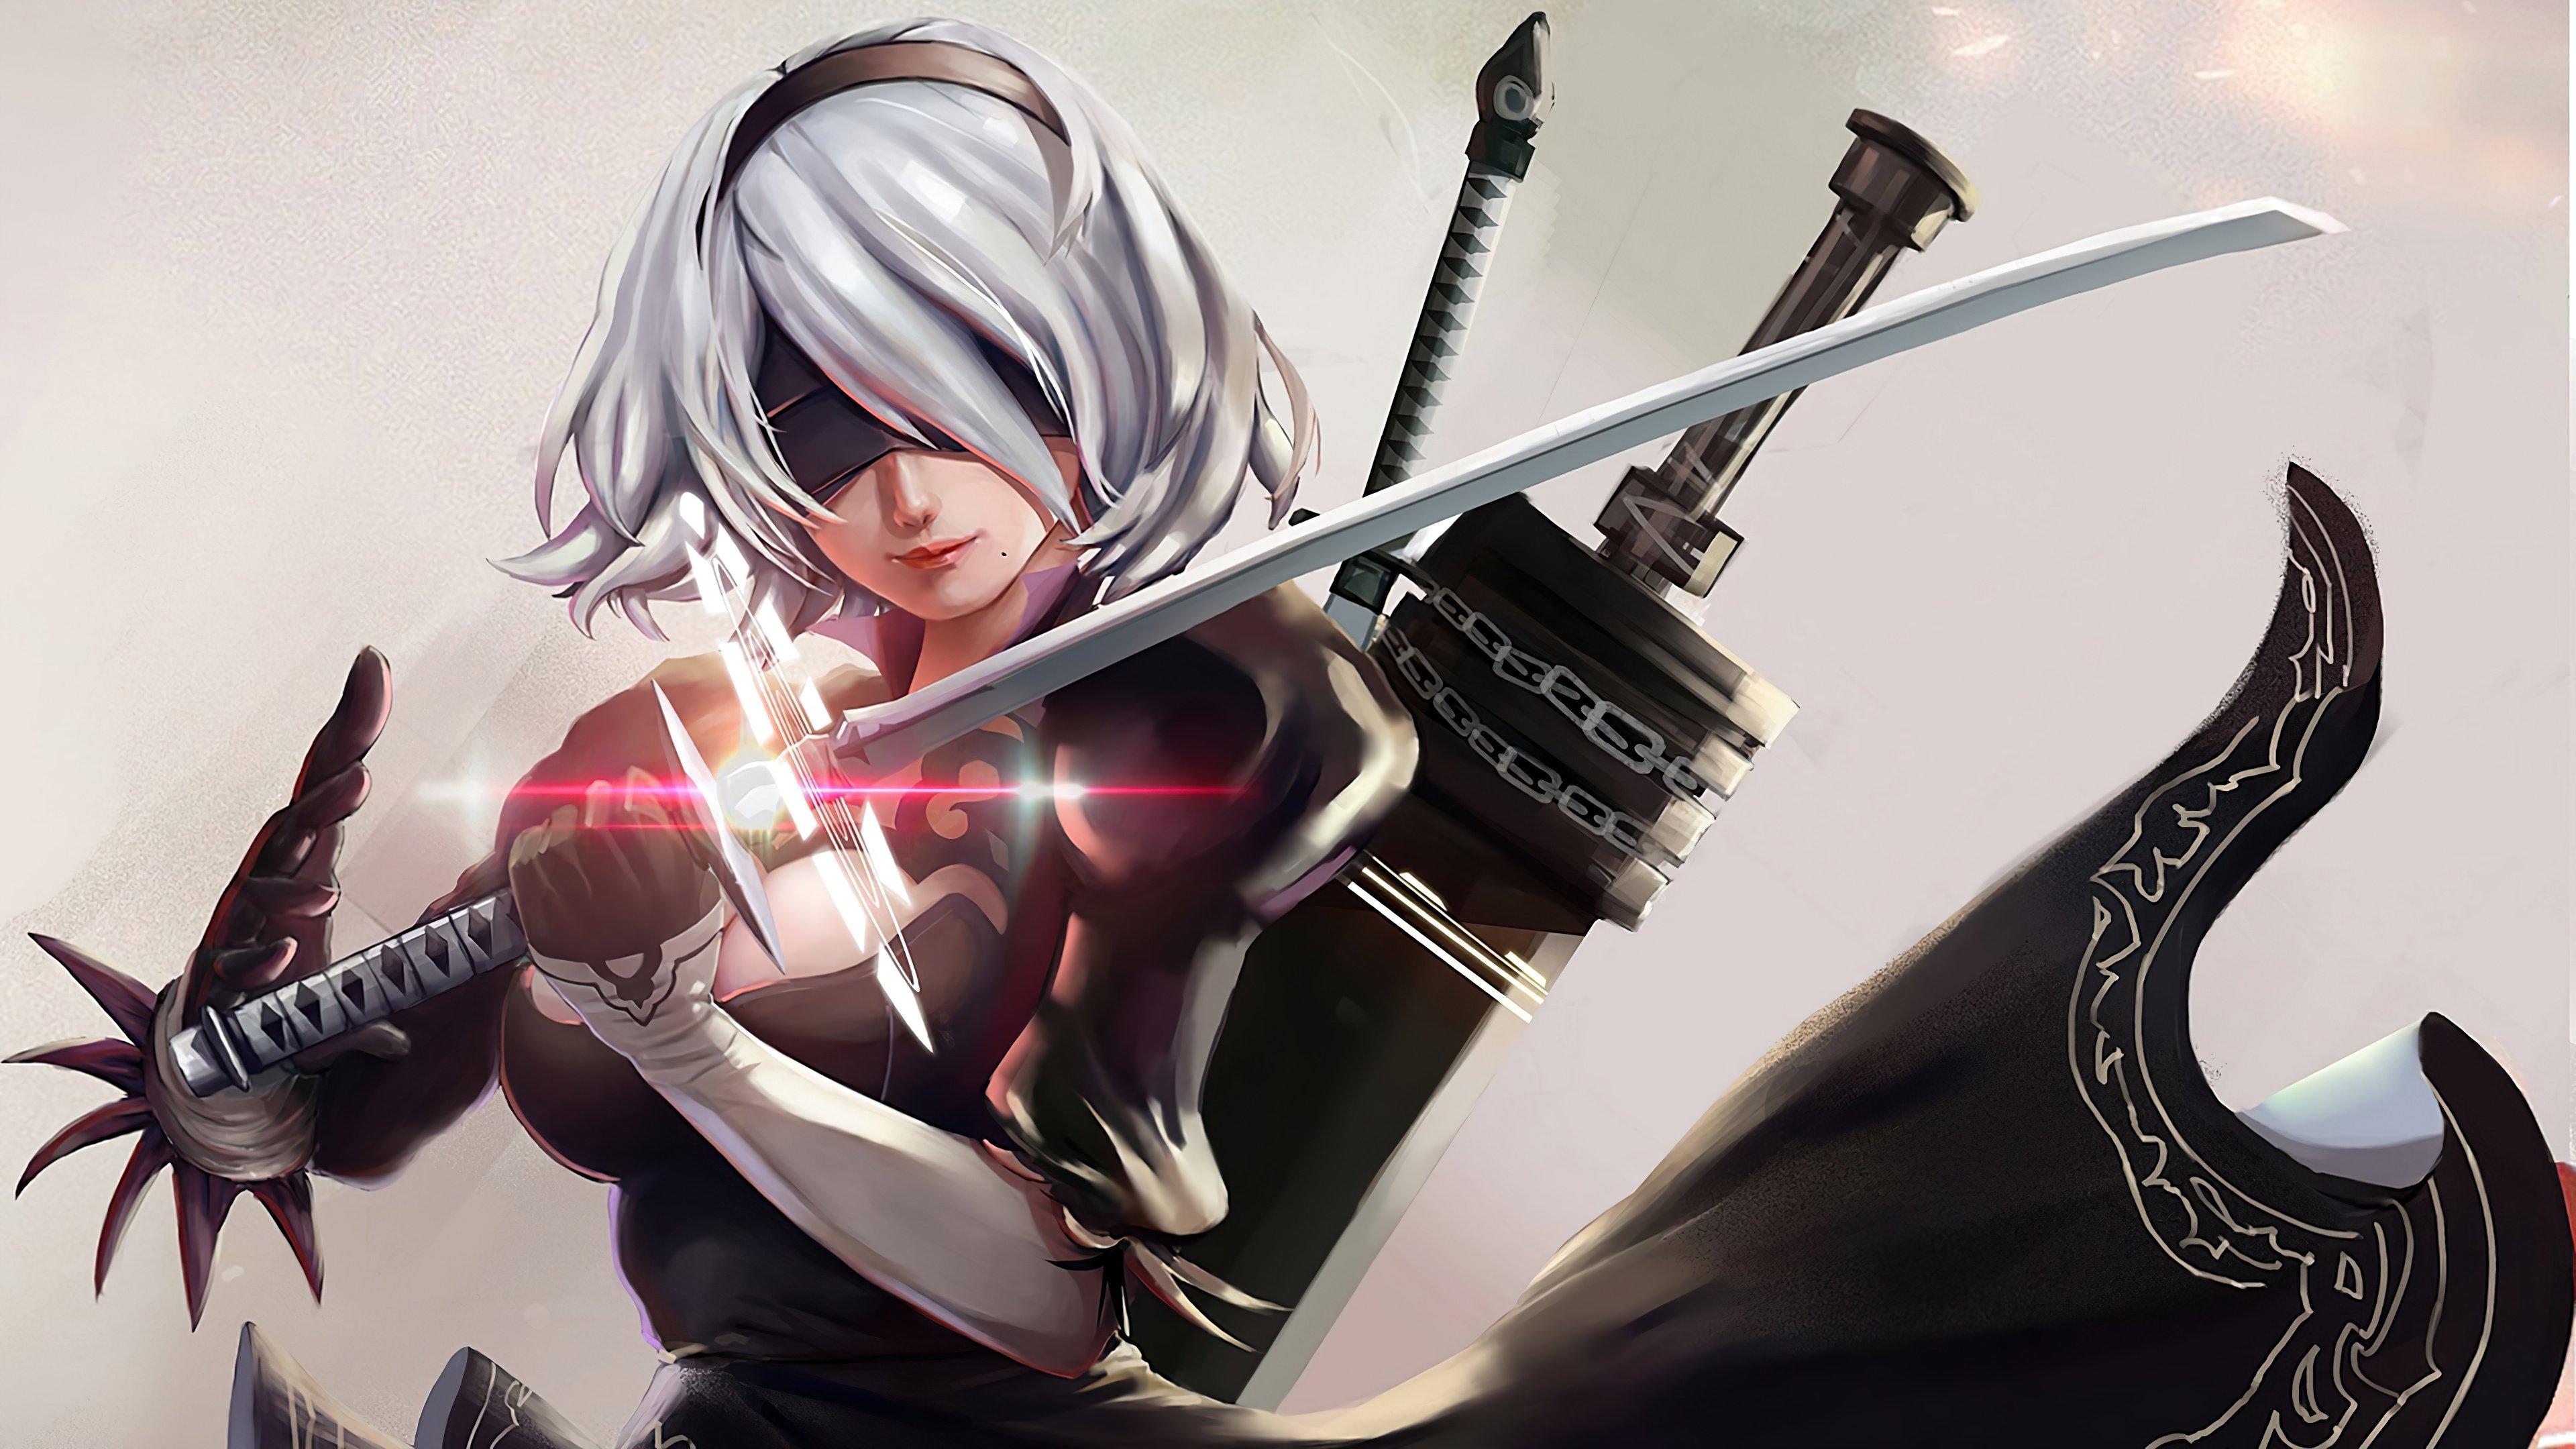 Anime Wallpaper Yorha 2B with Katana sword Nier Automata